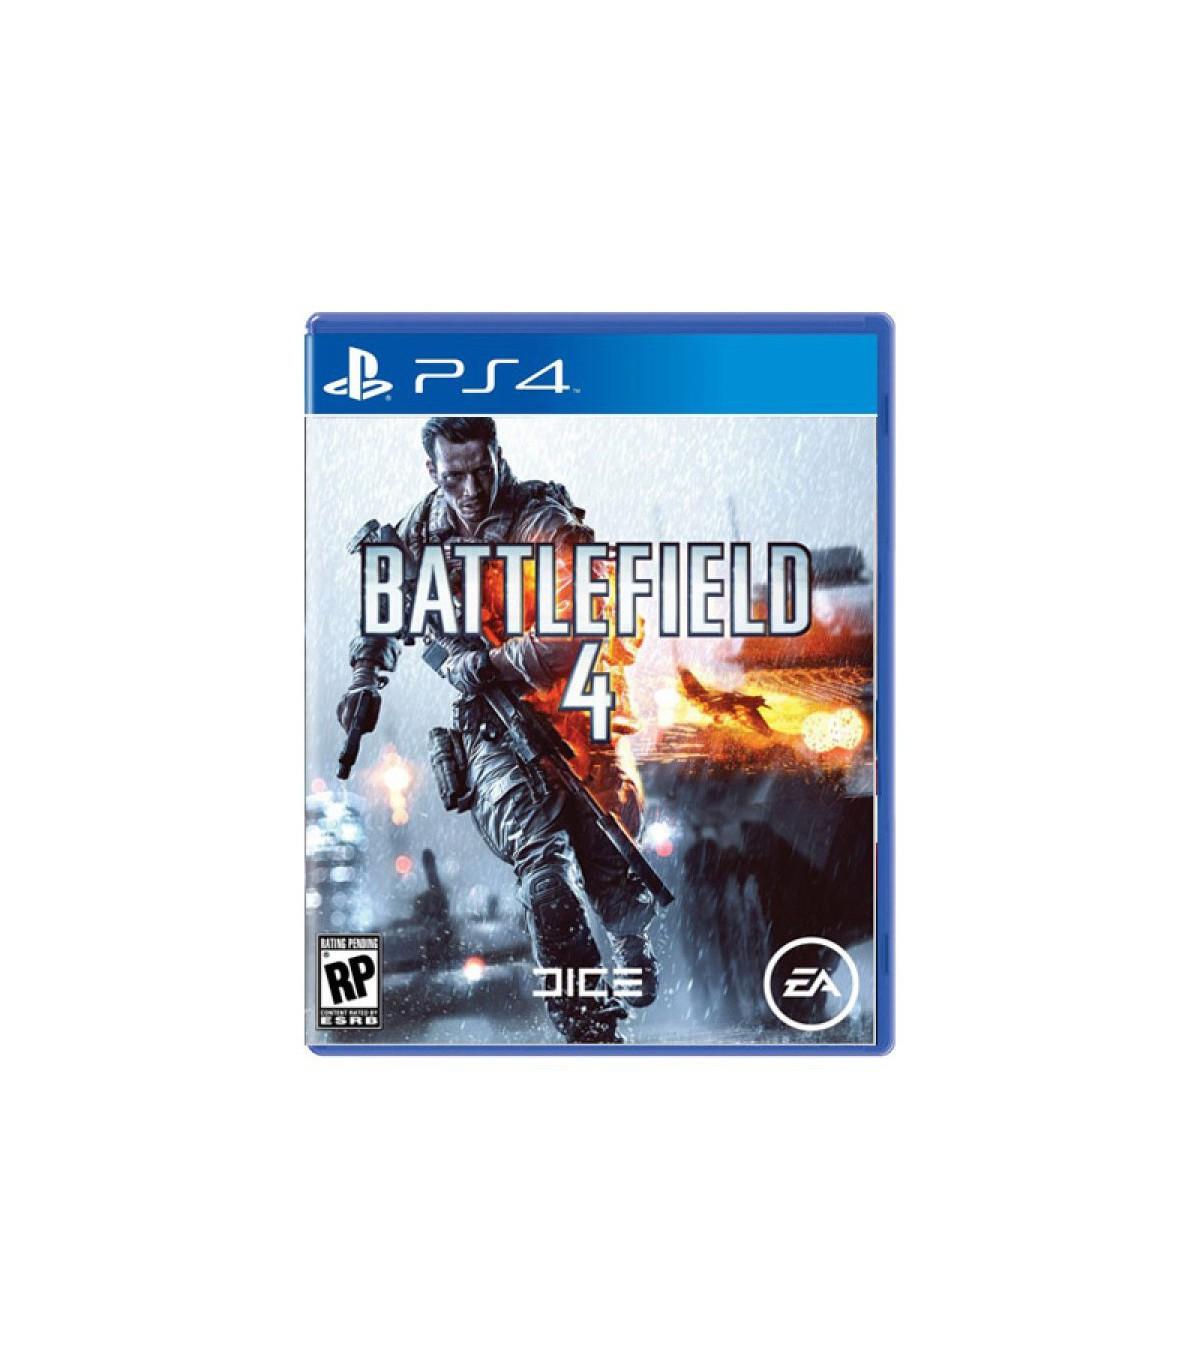 بازی Battlefield 4 کارکرده - پلی استیشن 4